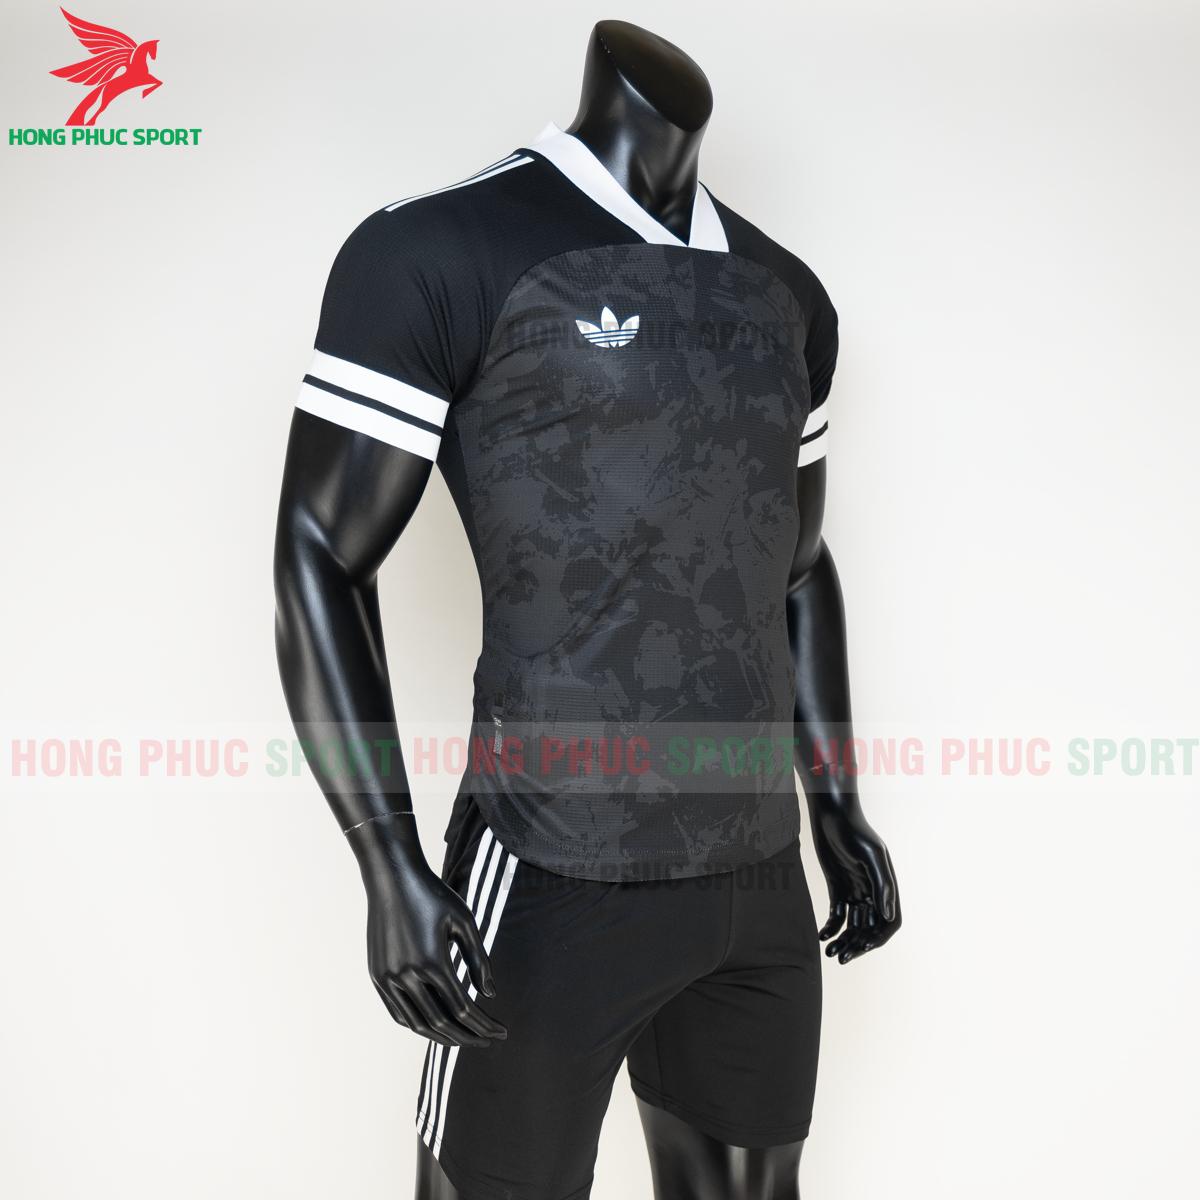 Áo đá banh không logo Condivo ba lá Adidas 2020 2021 mẫu 3 (phải)